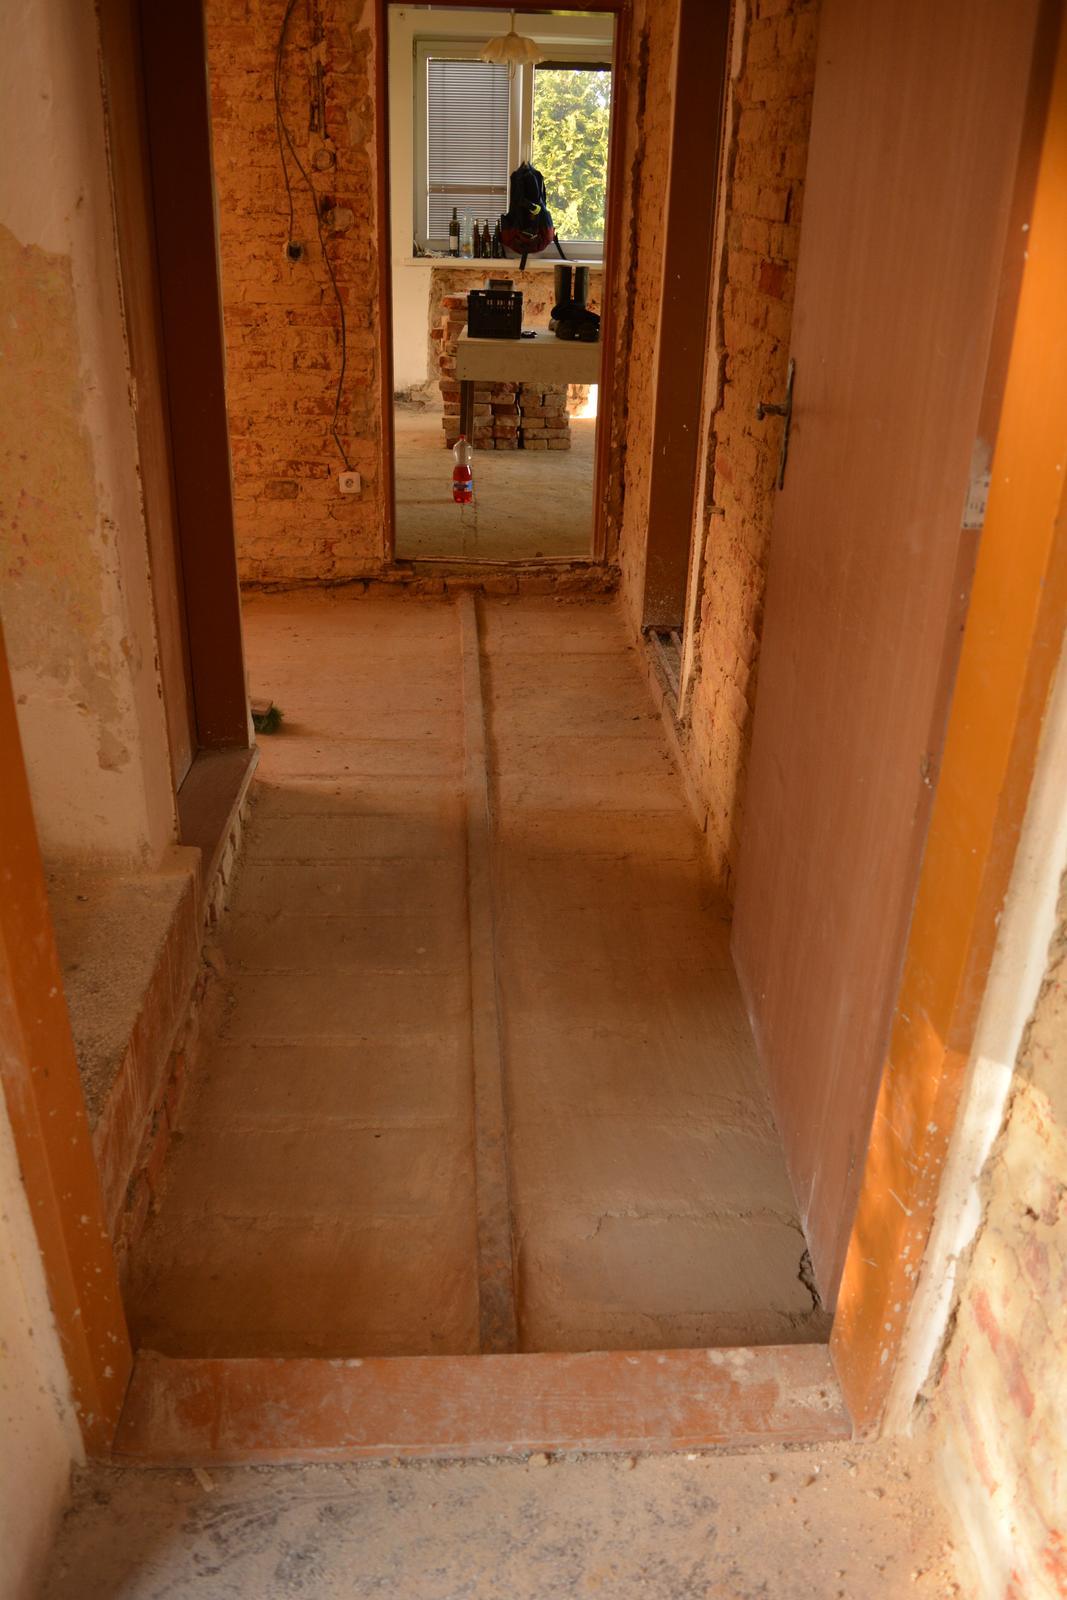 Náš nový domov ... - Podlahy už čekají na topenáře ..